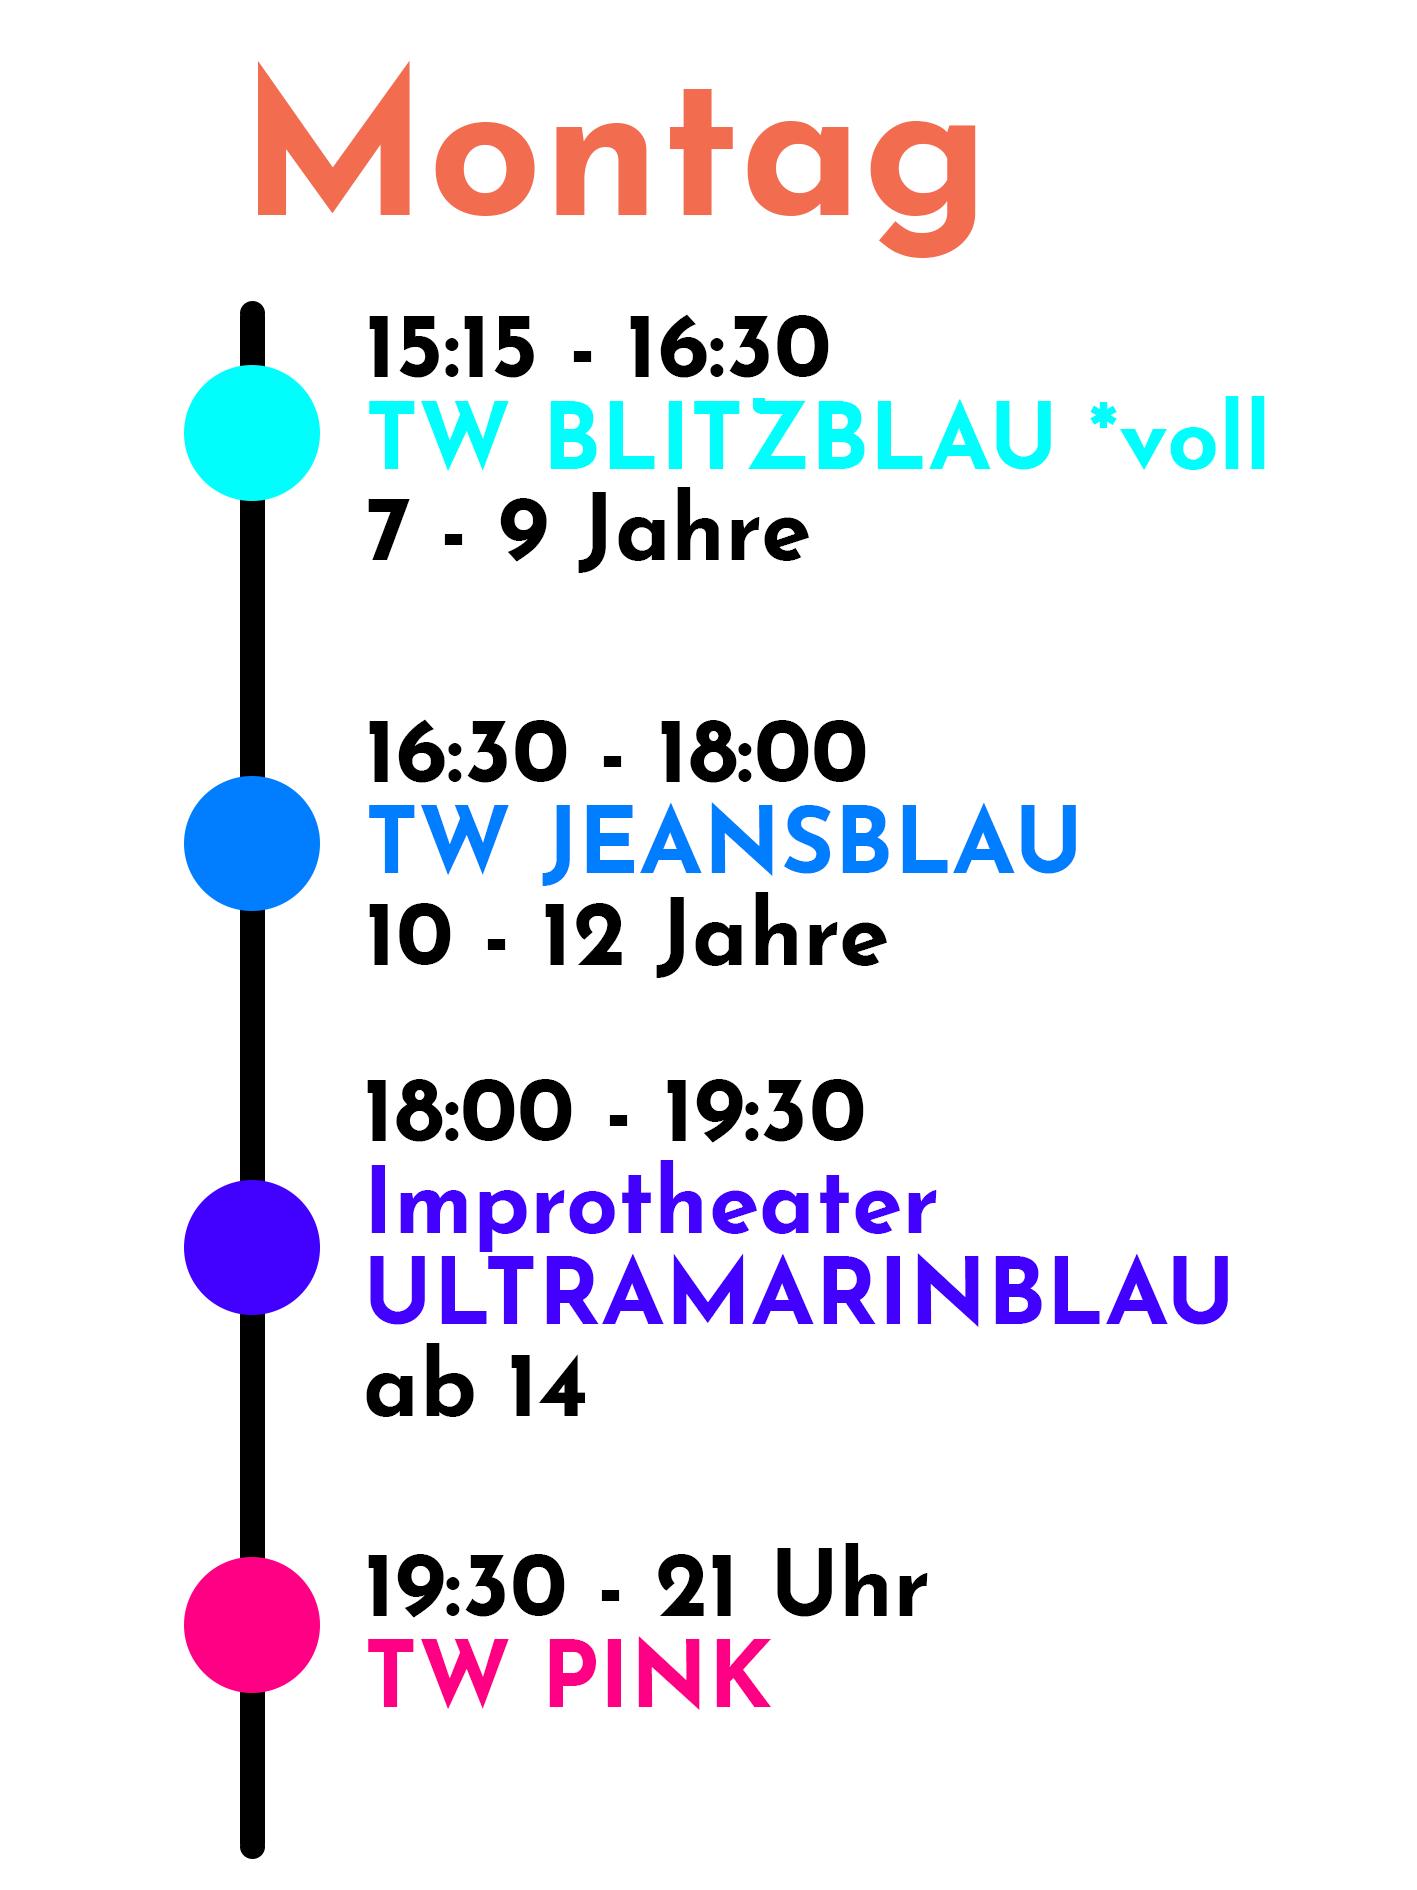 Stundenplan Montag.png